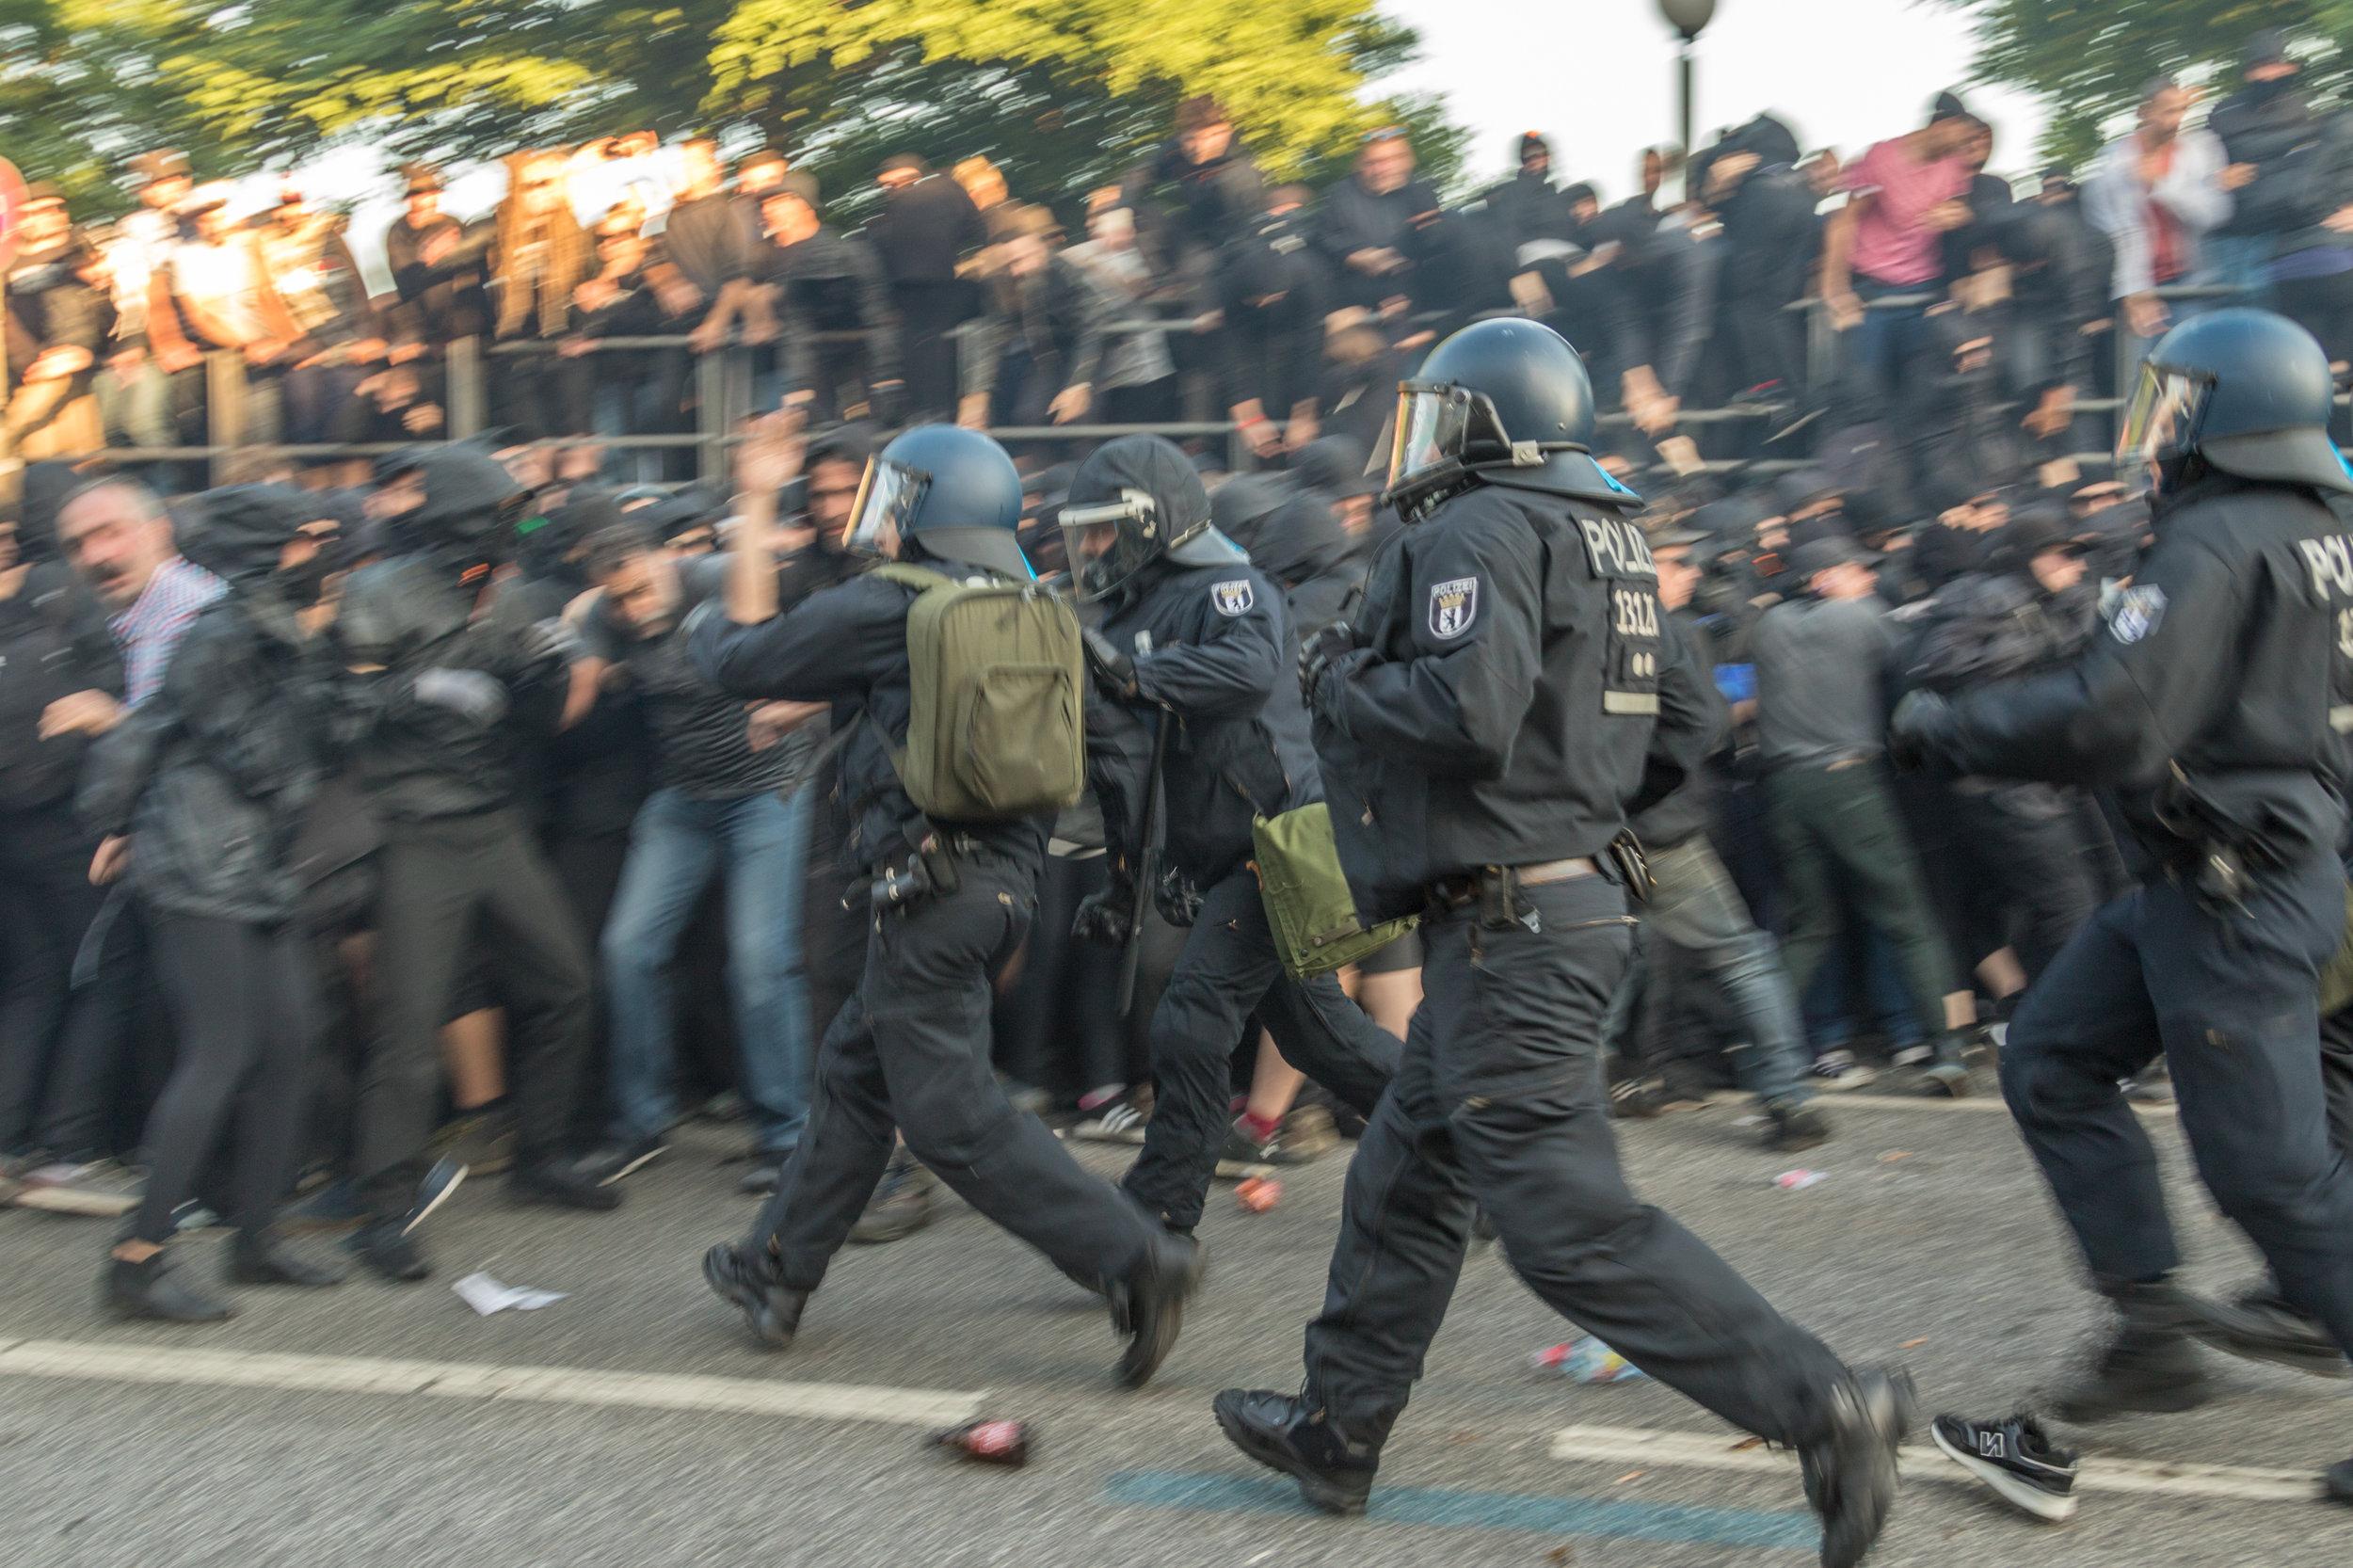 Welcome to Hell Polizei rennt in Demonstranten.jpg